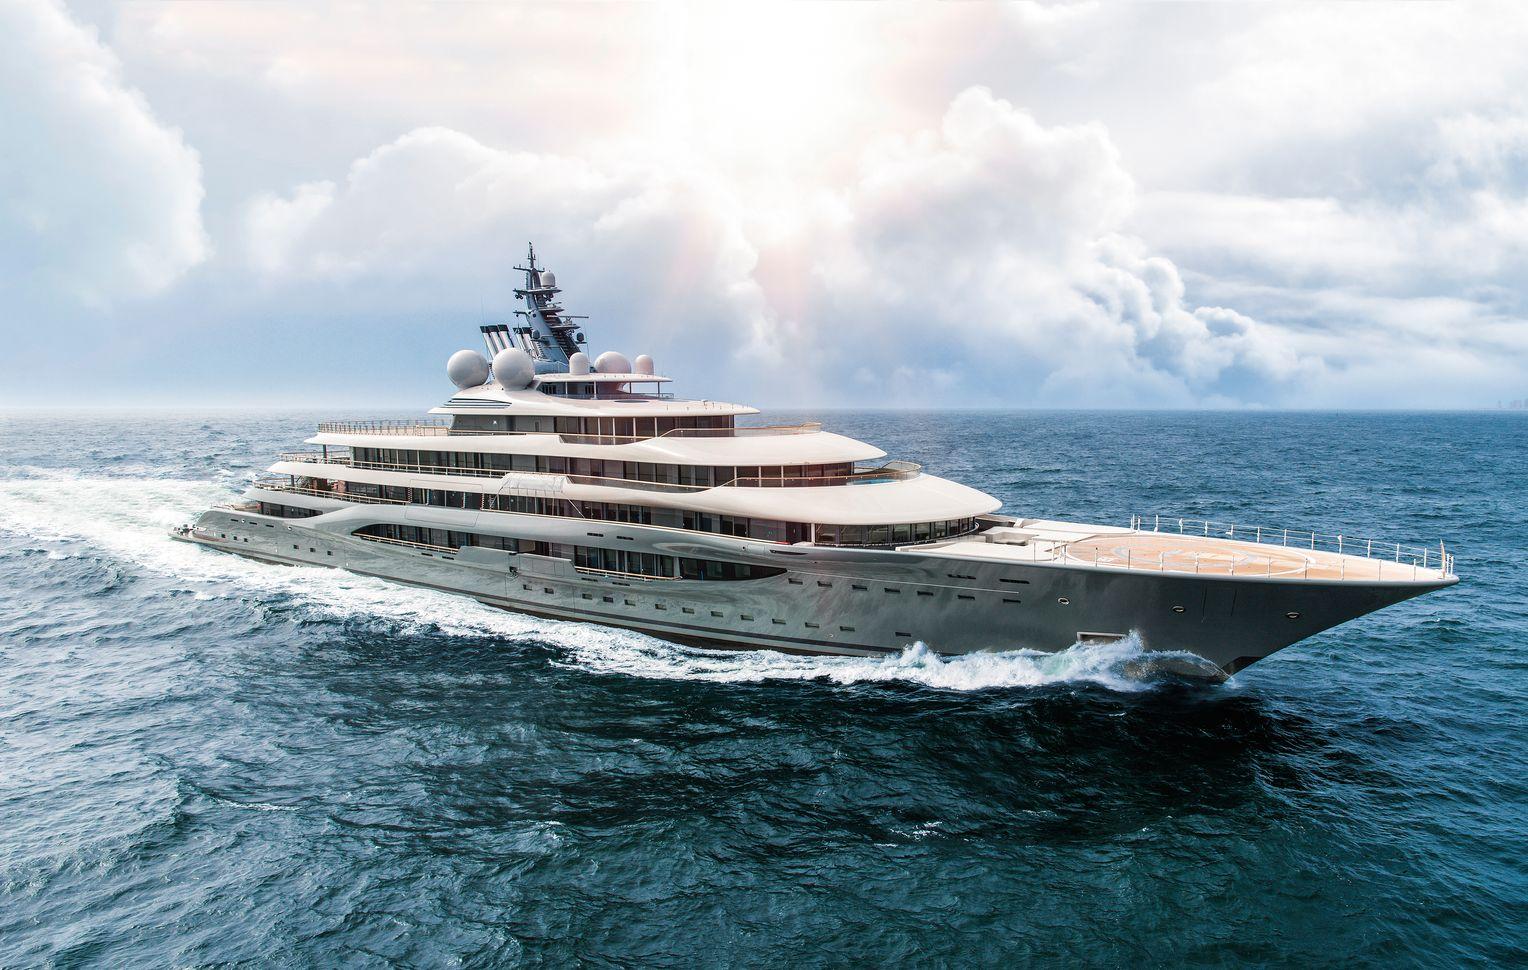 Größte Yachten